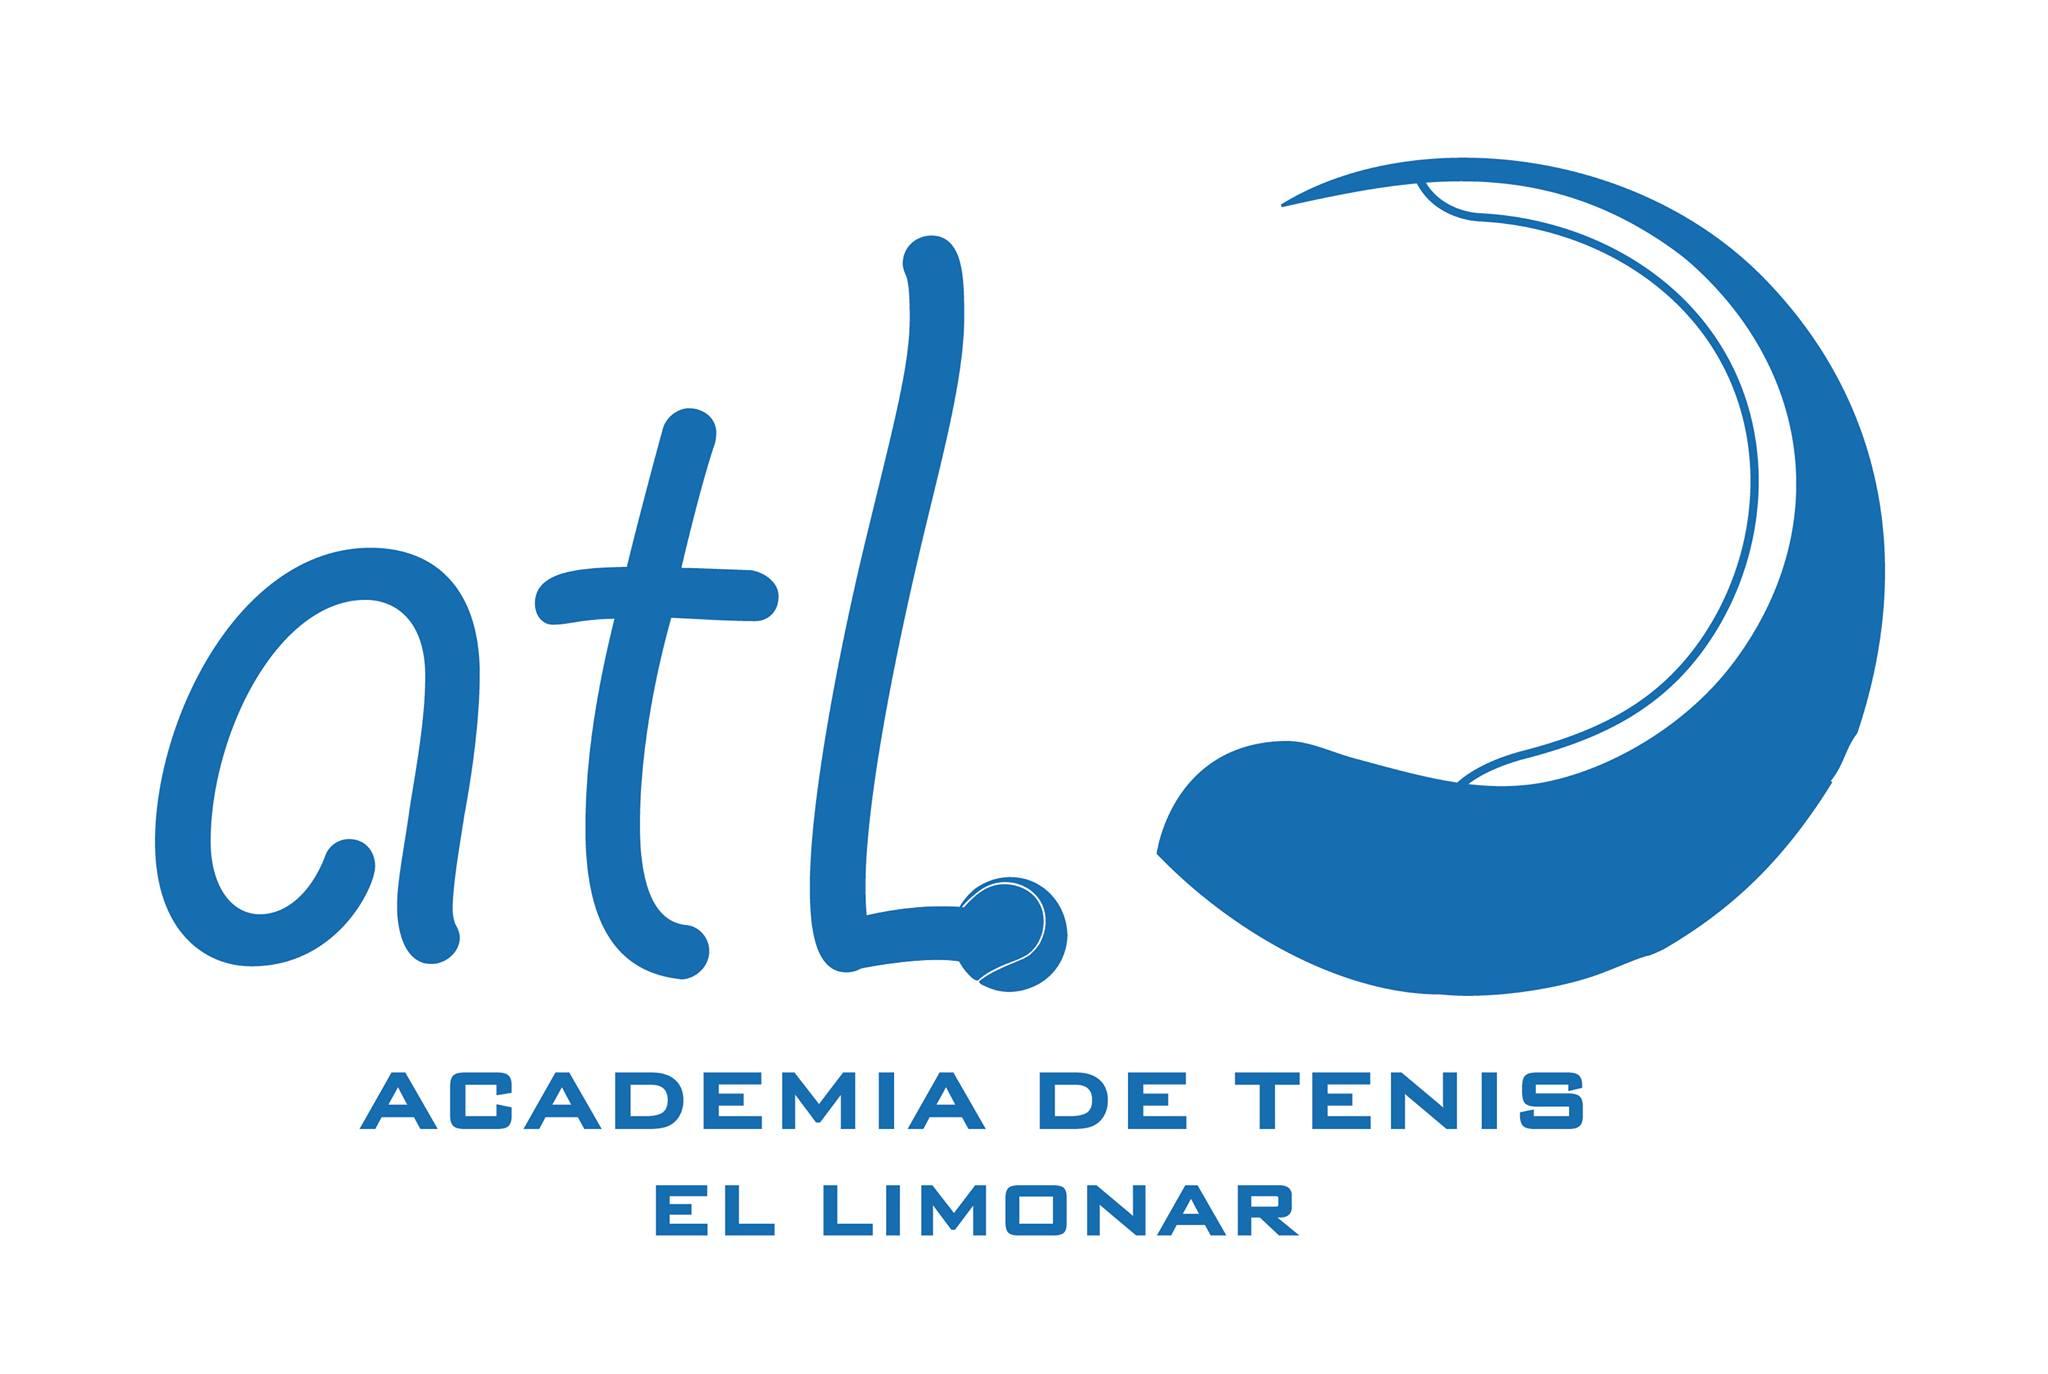 Club de Tenis El Limonar